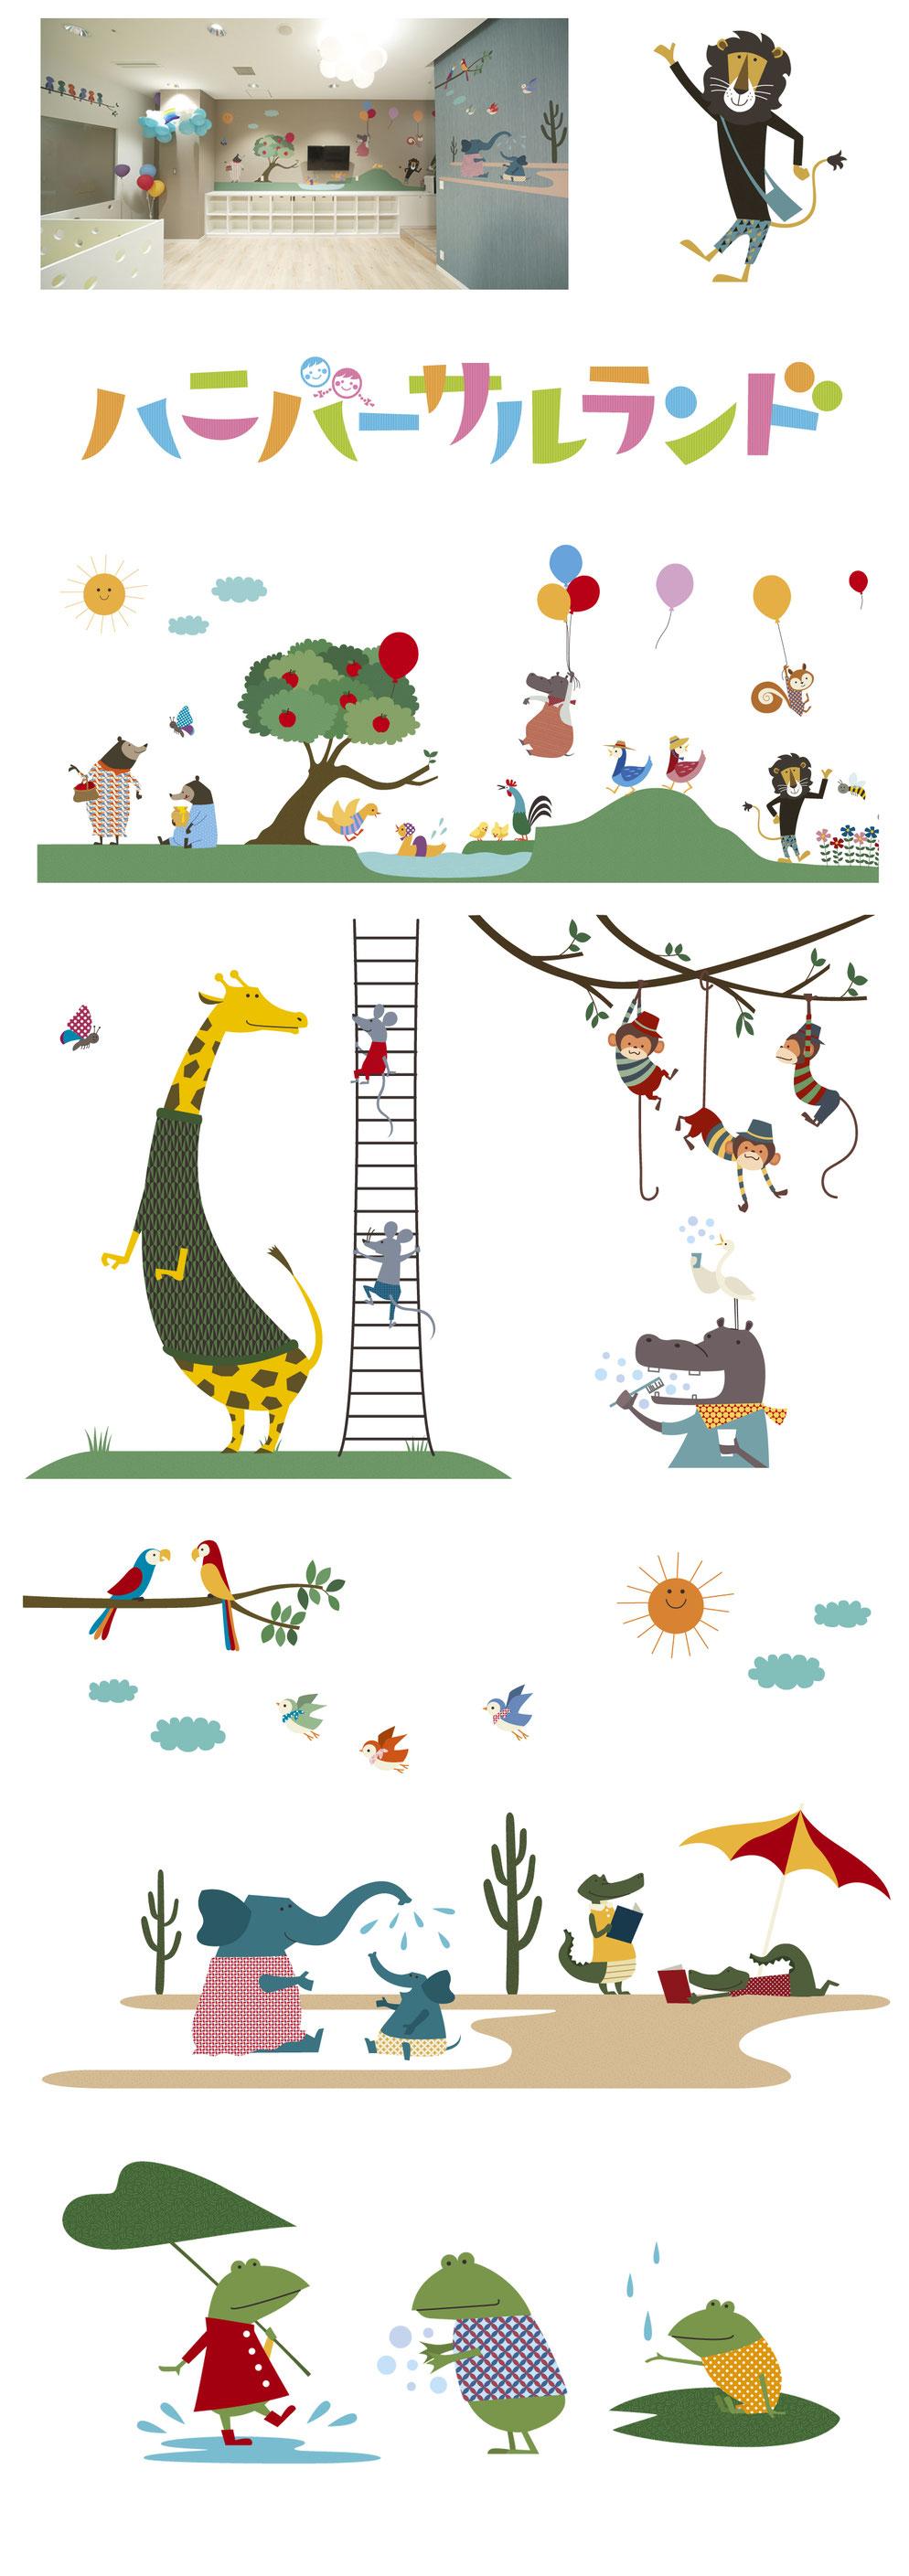 いろいろな動物のイラスト